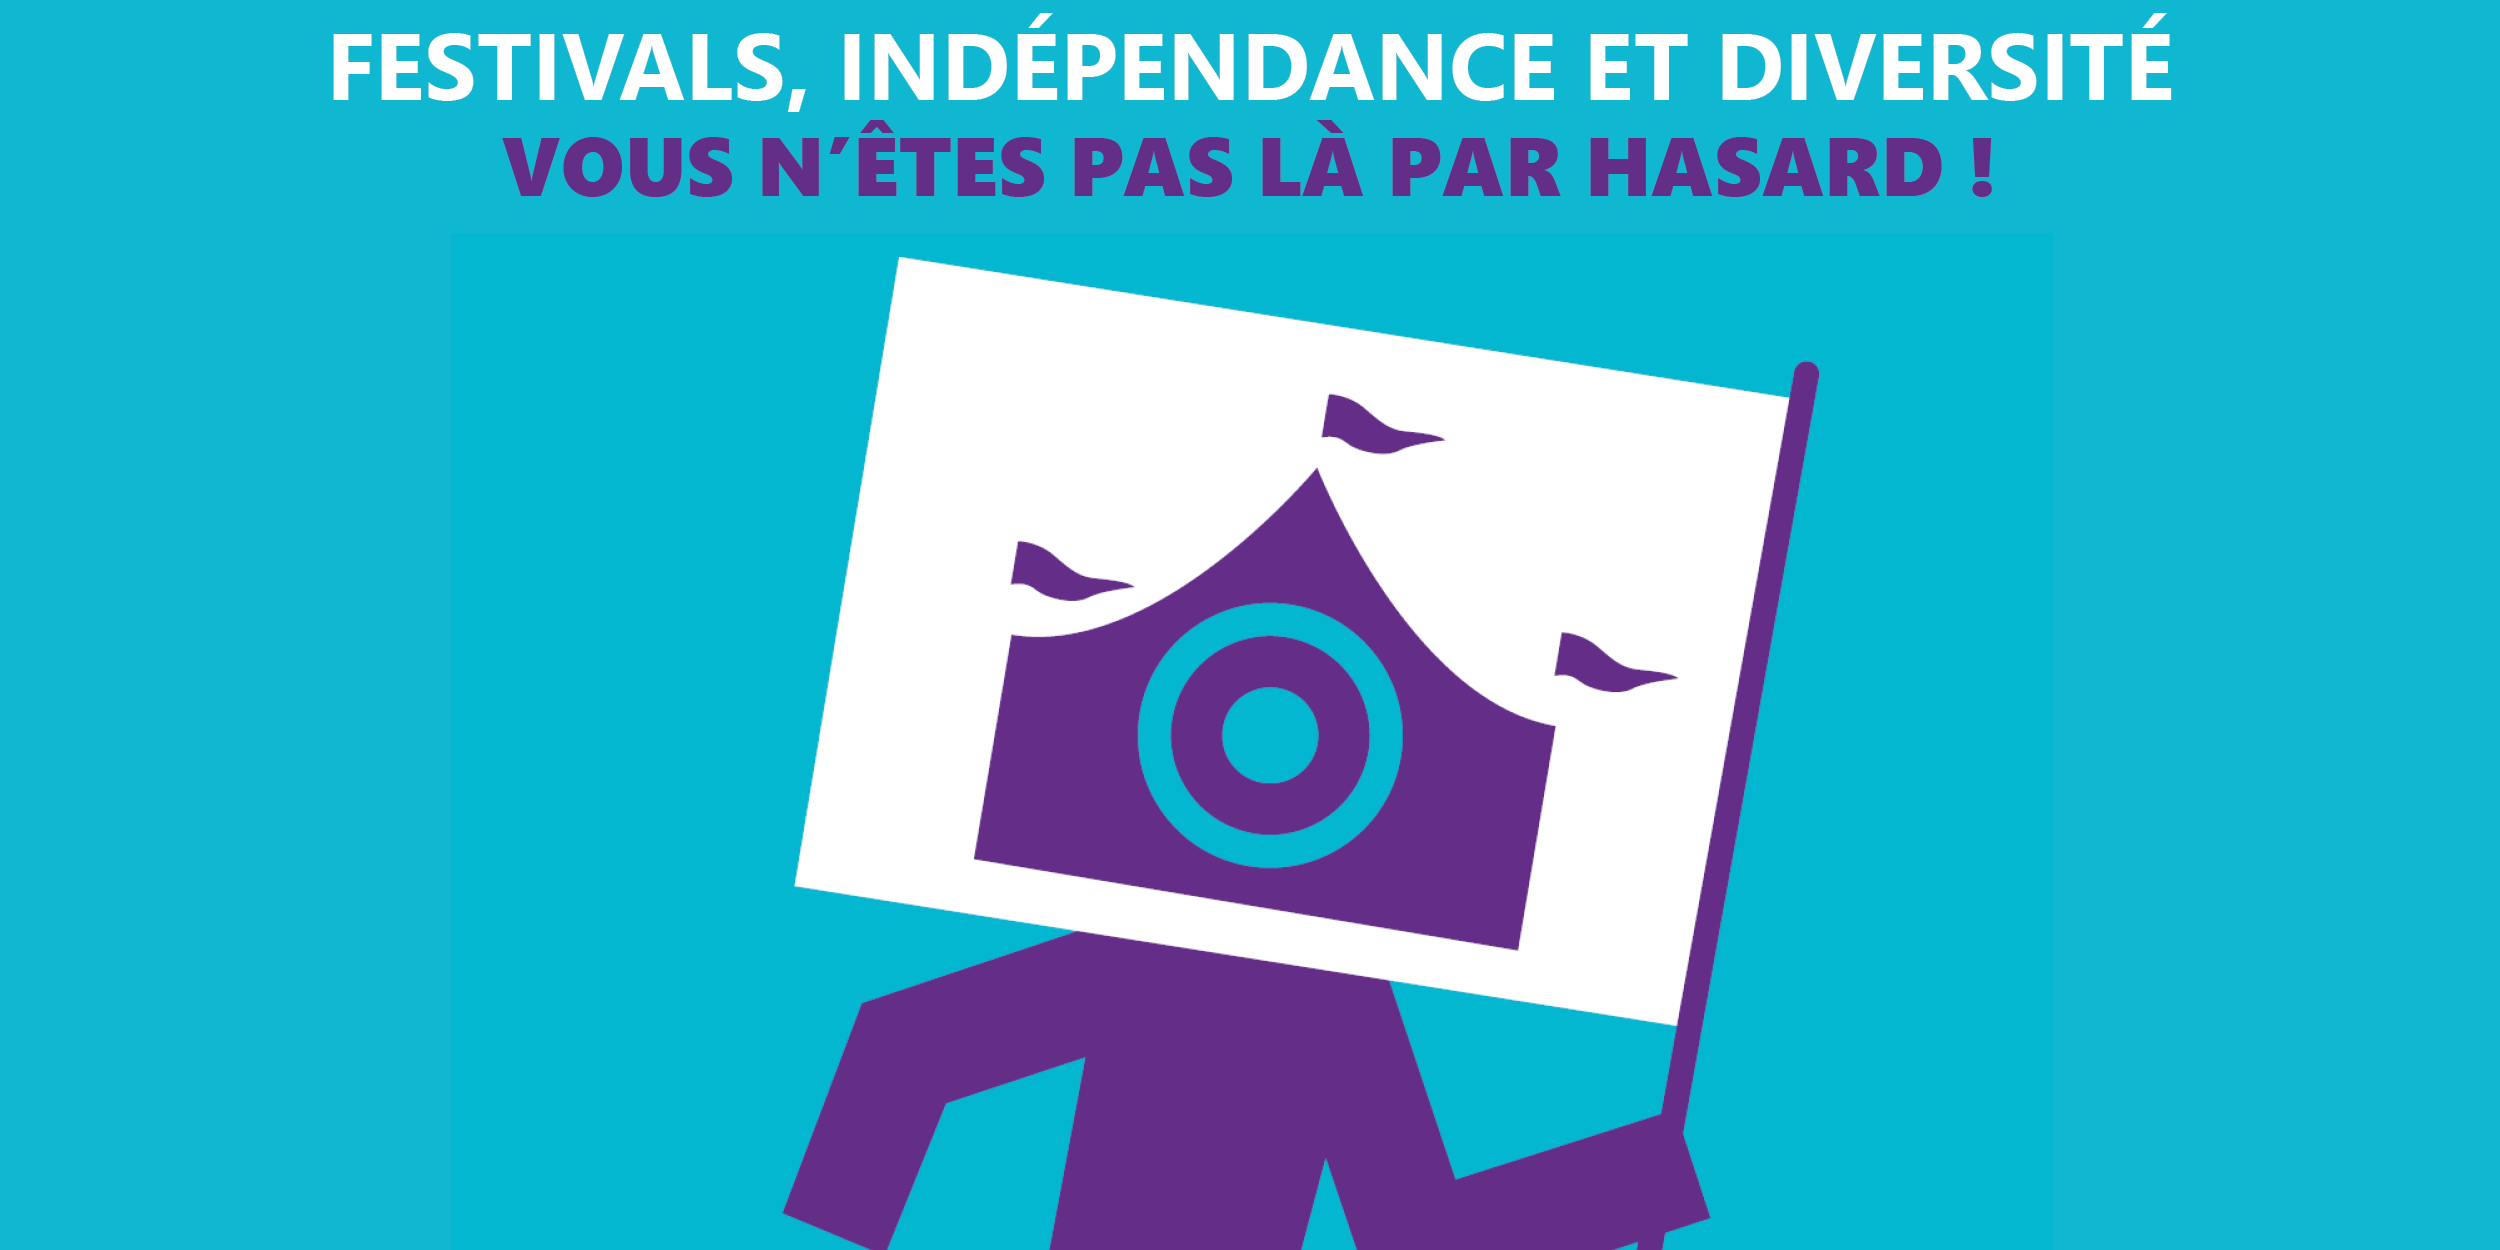 Festivals, indépendance et diversité, vous n'êtes pas là par hasard!